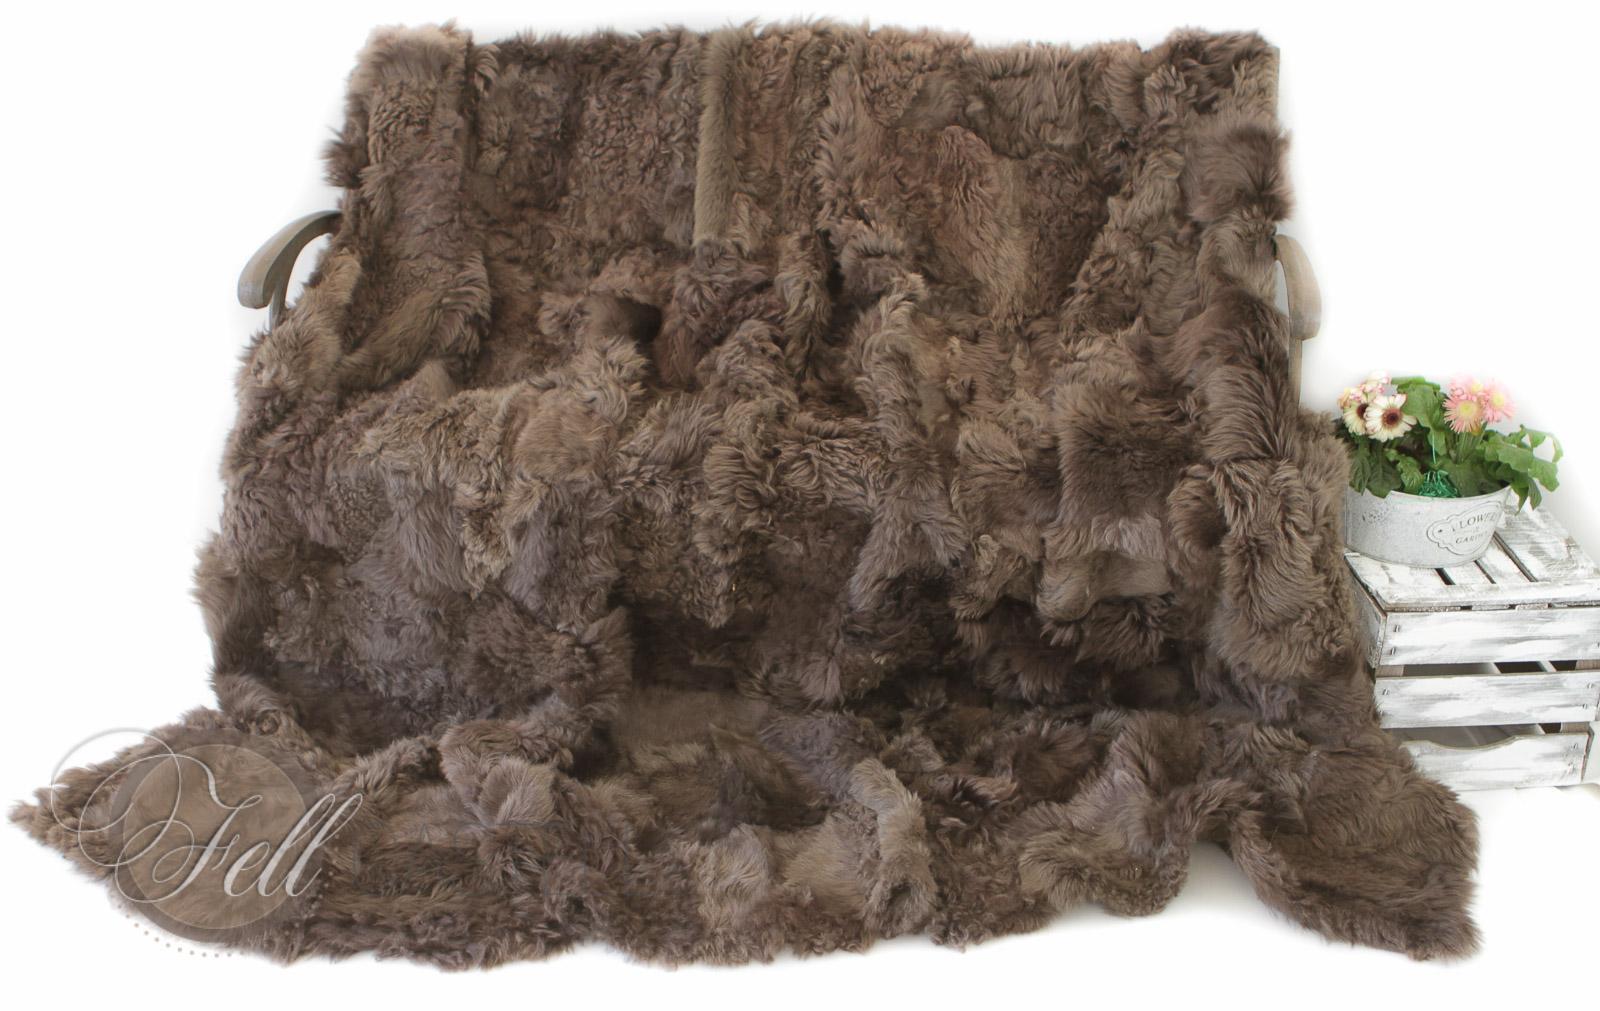 lammfell decke toscana lammfell 220x200 cm braun r ckseite leder lammfell schaffell shop. Black Bedroom Furniture Sets. Home Design Ideas